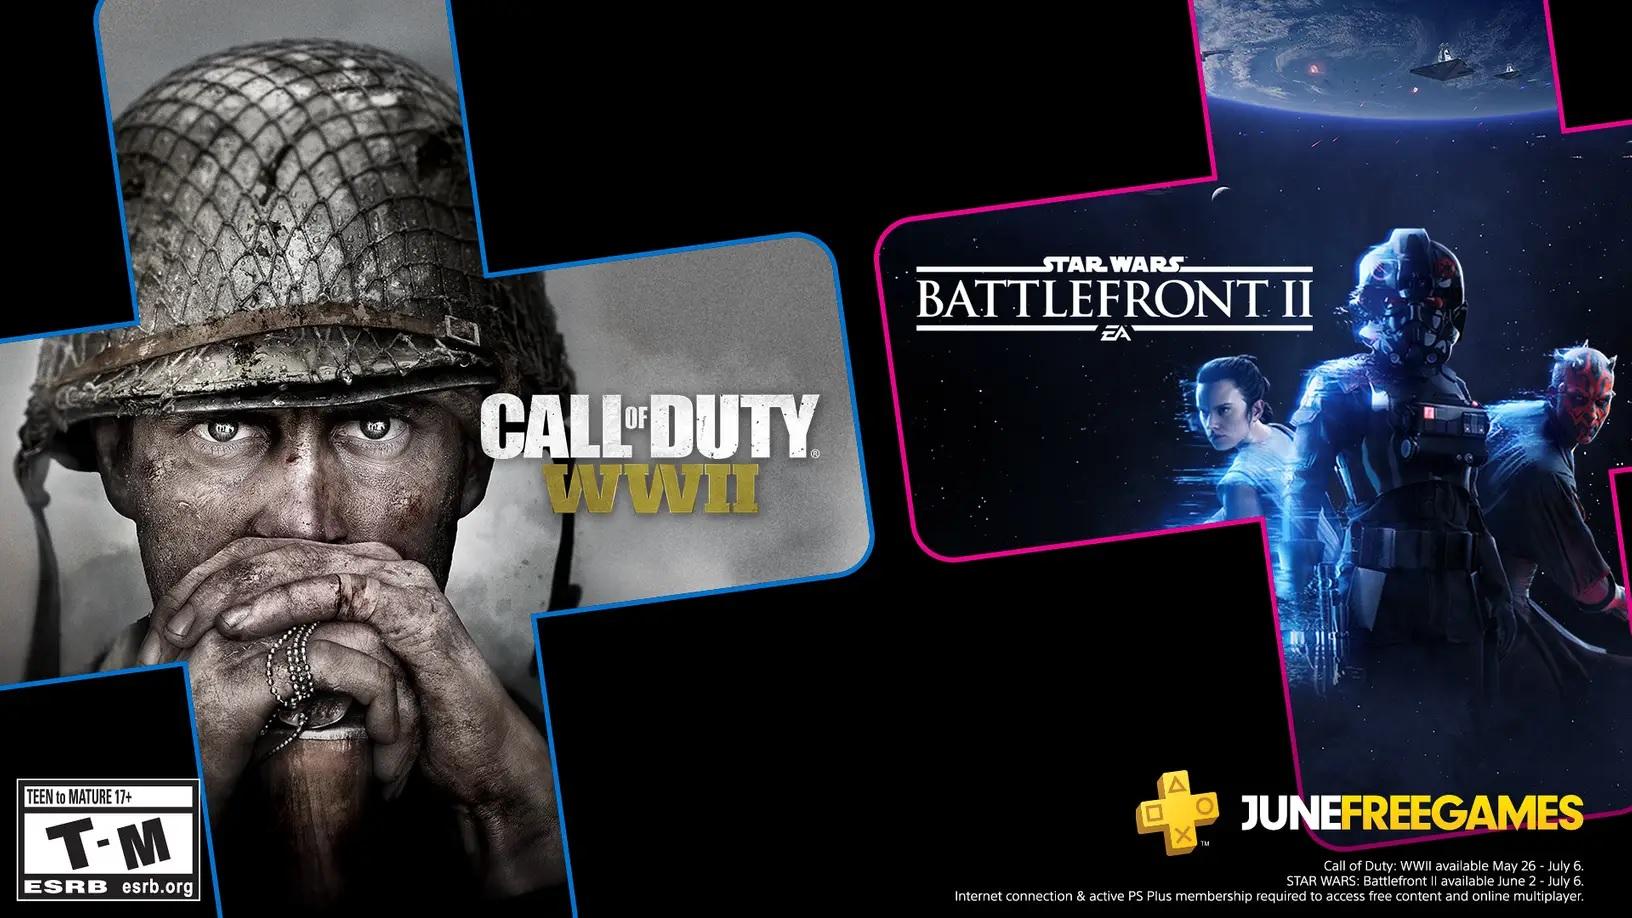 Jogos: Star Wars Battlefront II será o outro jogo da PS Plus de junho